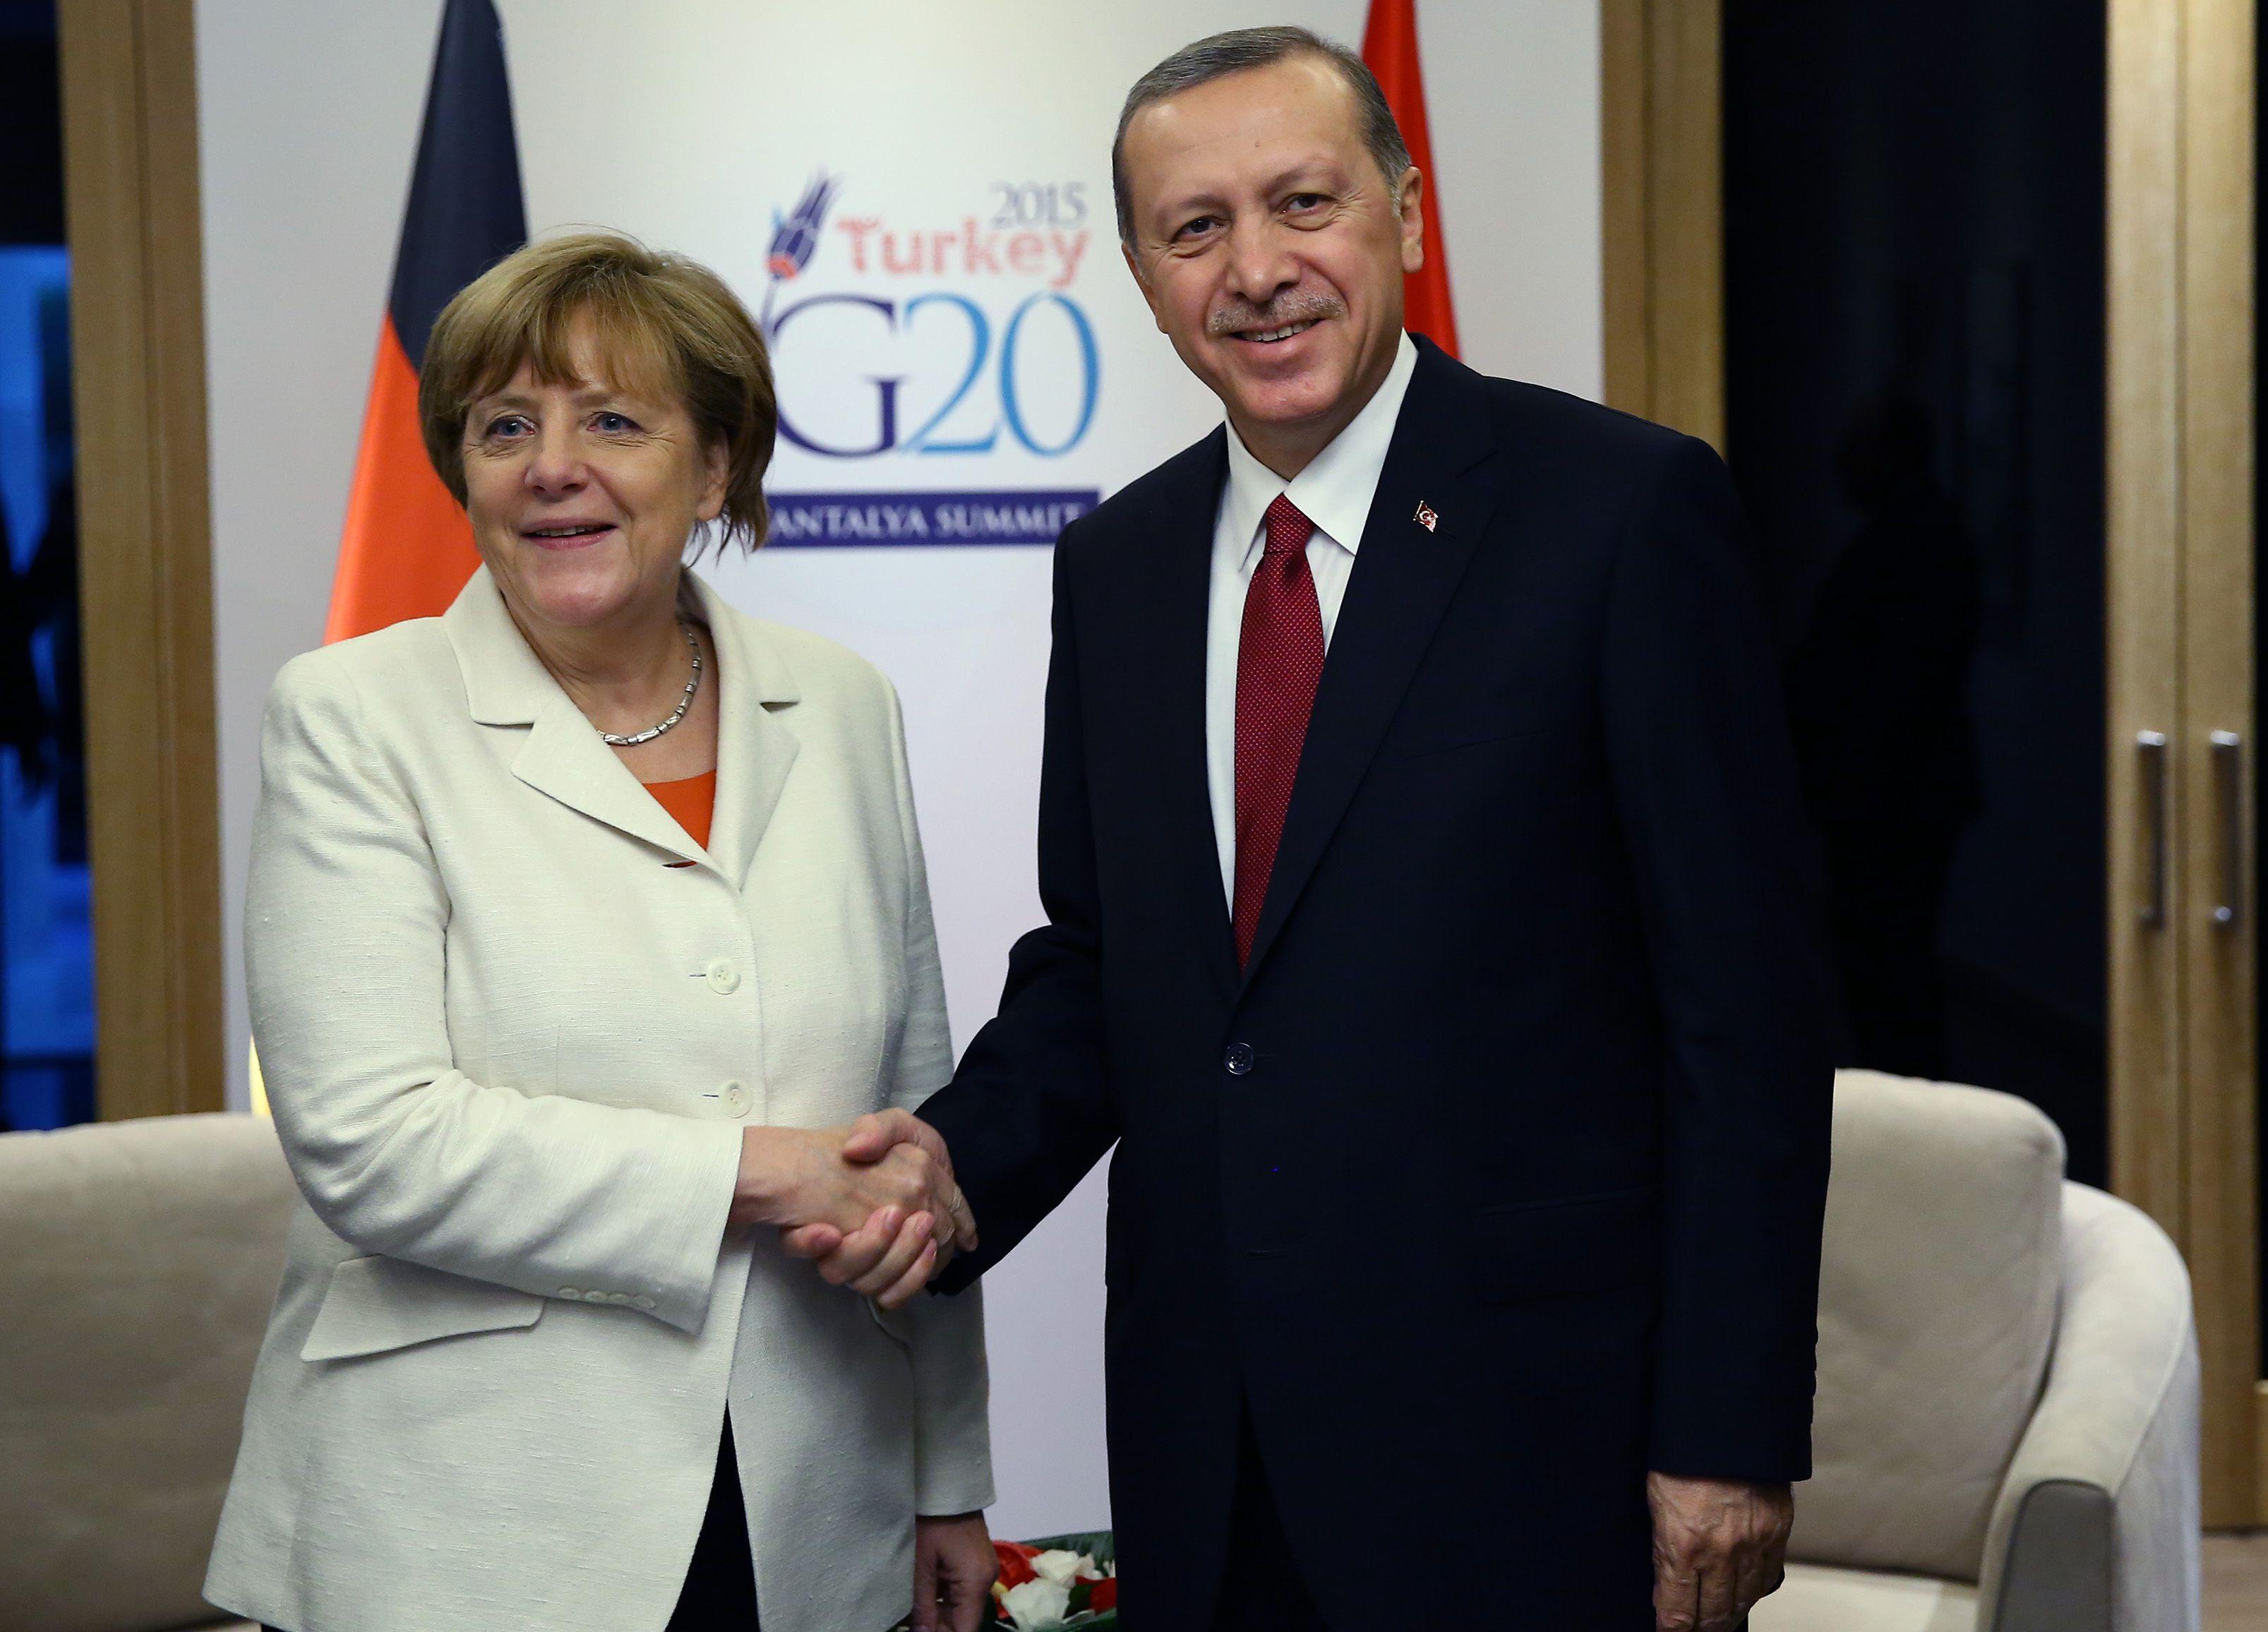 Angela Merkel en compagnie de Recep Tayyip Erdogan lors du G20 en Turquie en novembre 2015